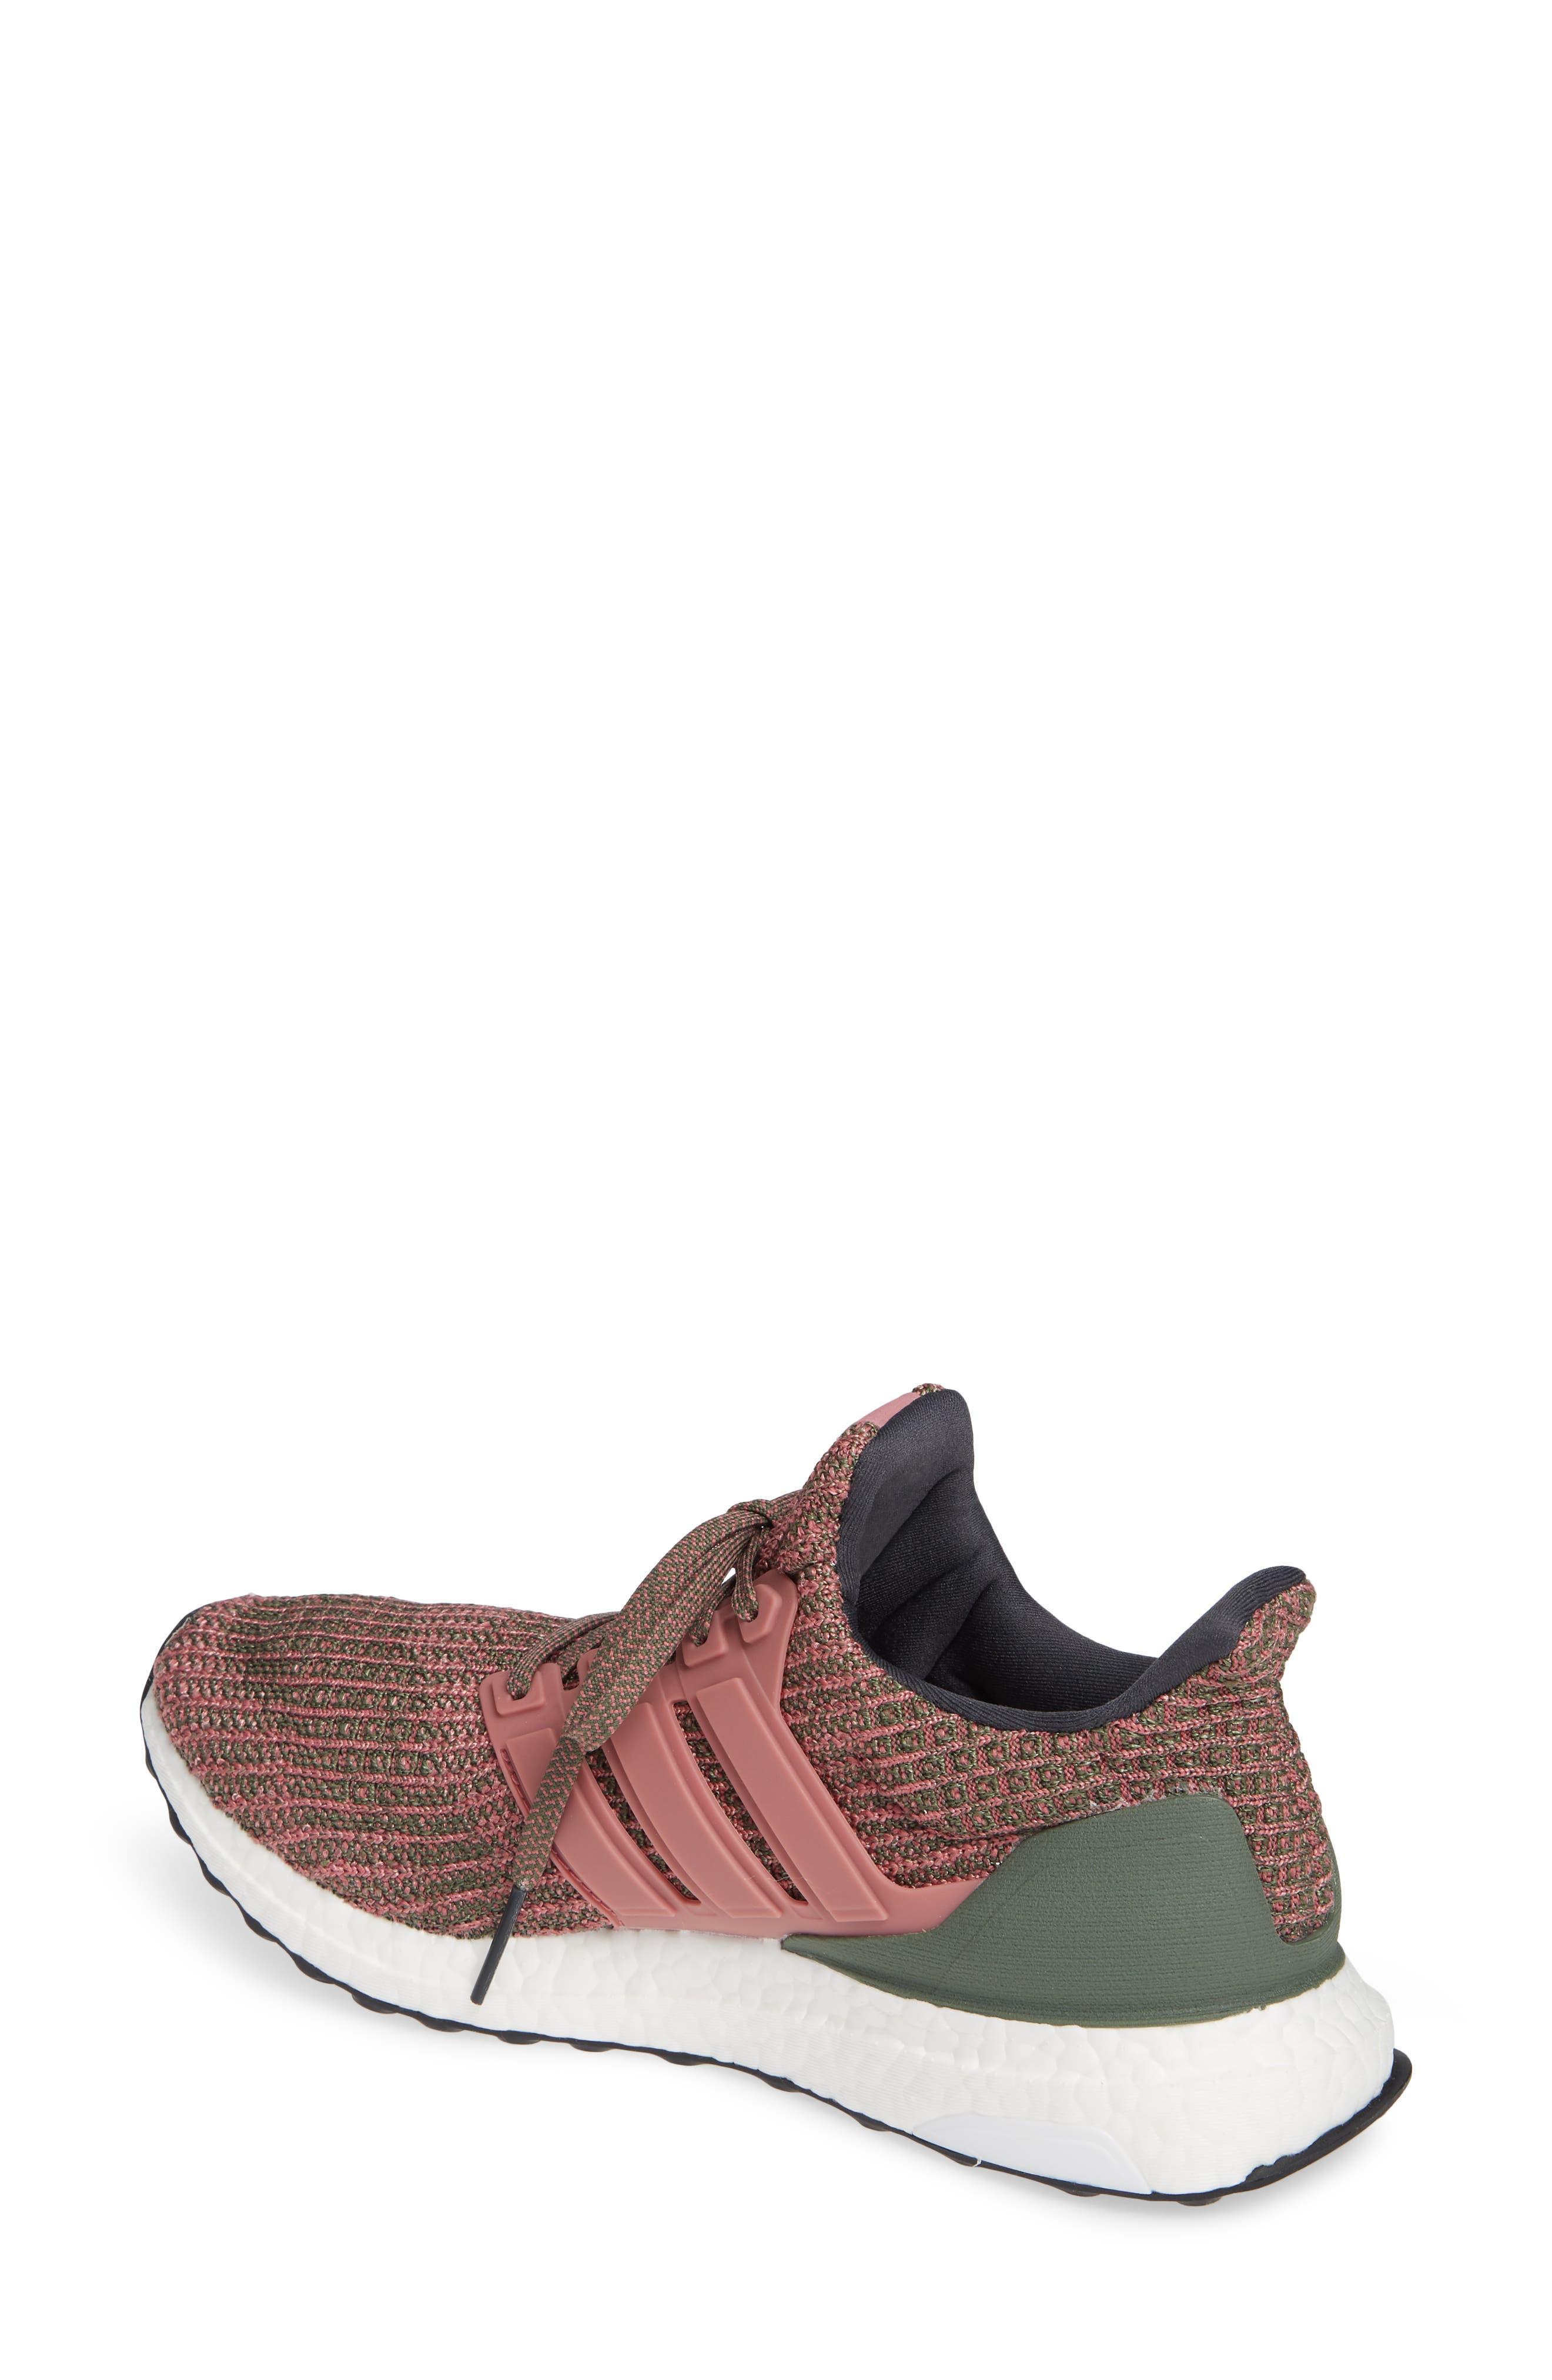 2c4b1c3db87 adidas Shoes